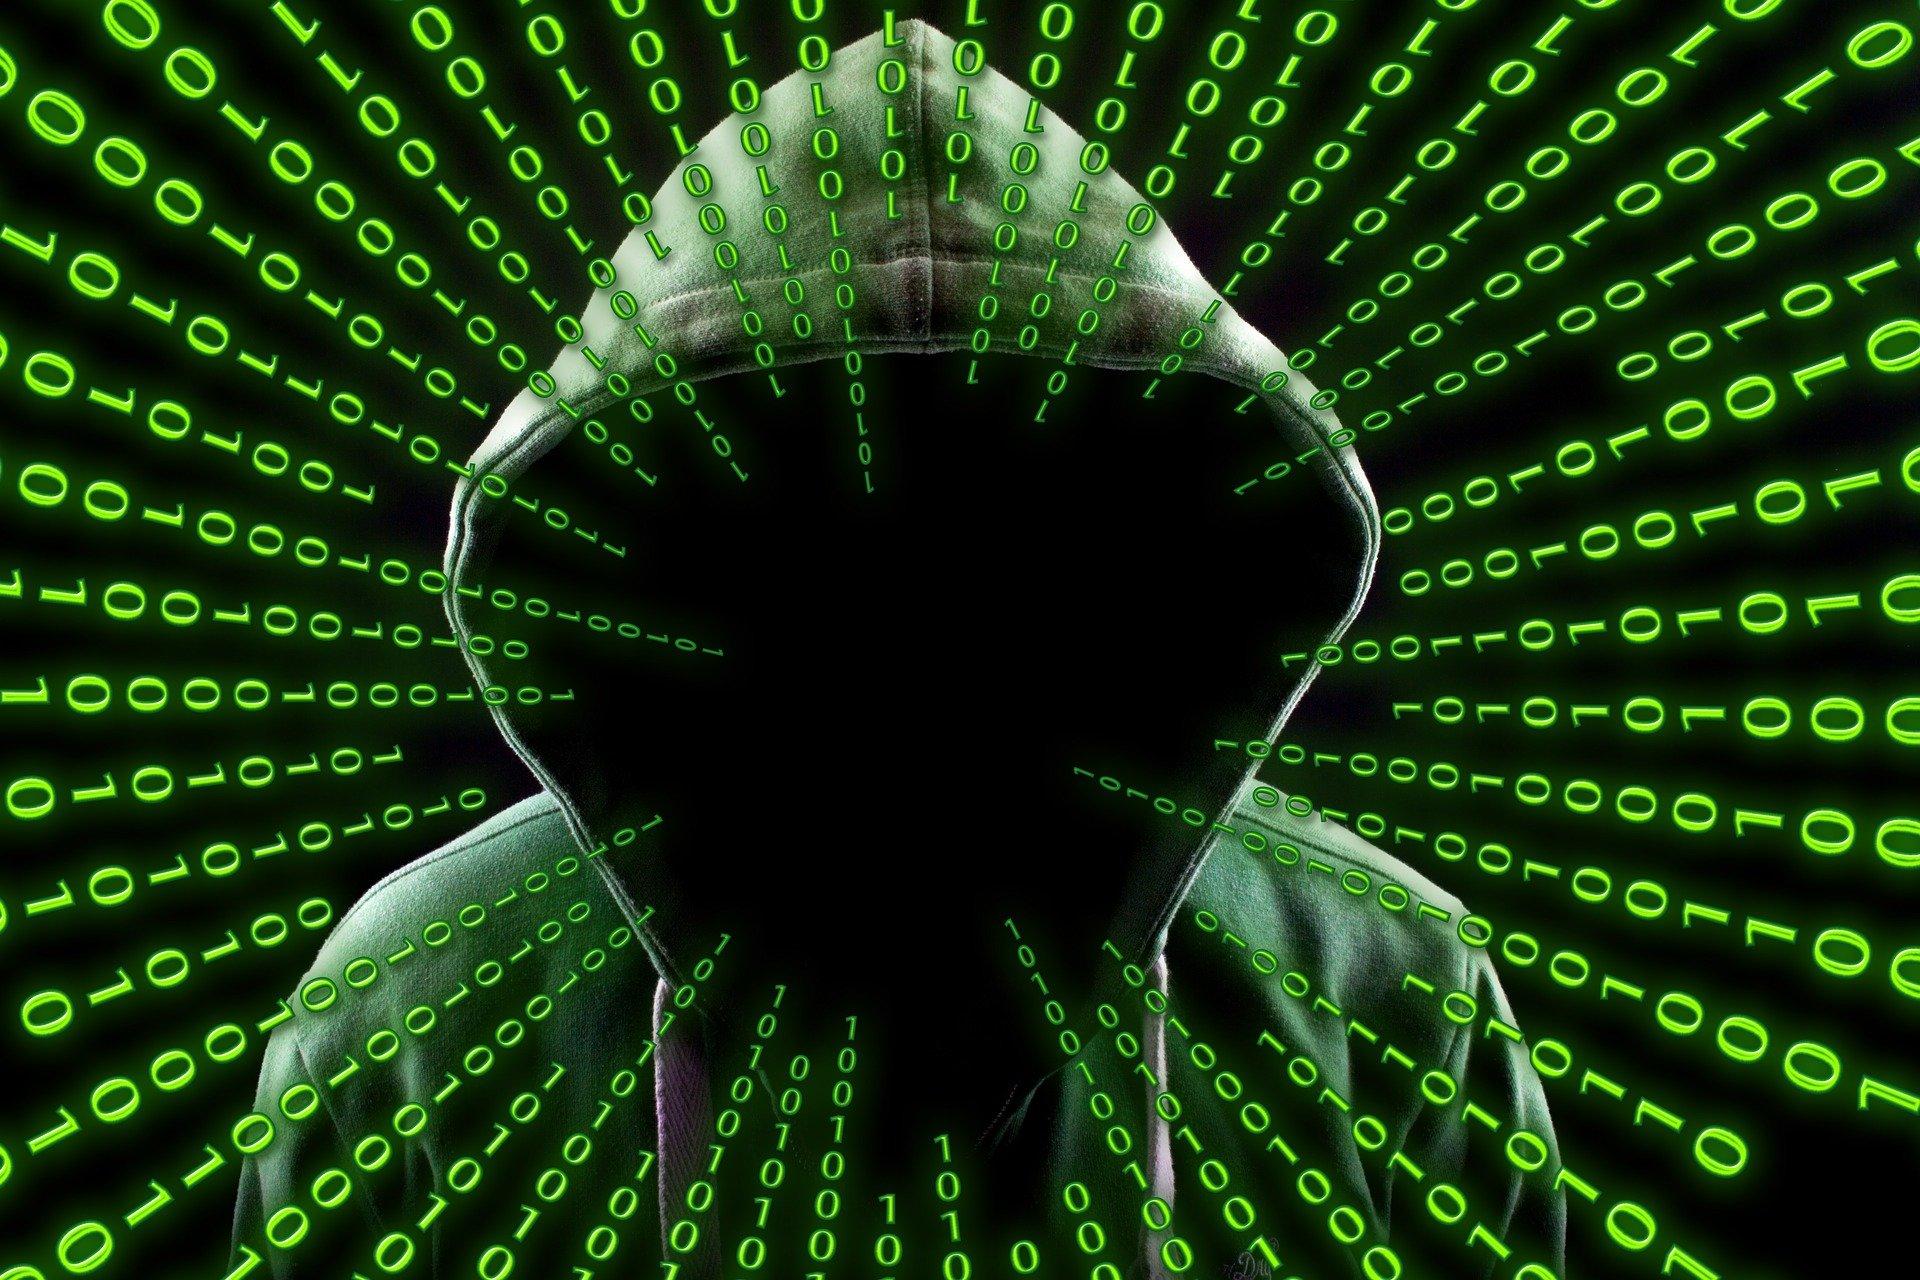 """IMAGEM: Hacker invade sistema do Ministério da Saúde e faz chacota: """"Como vocês deixaram isto ir ao ar?"""""""